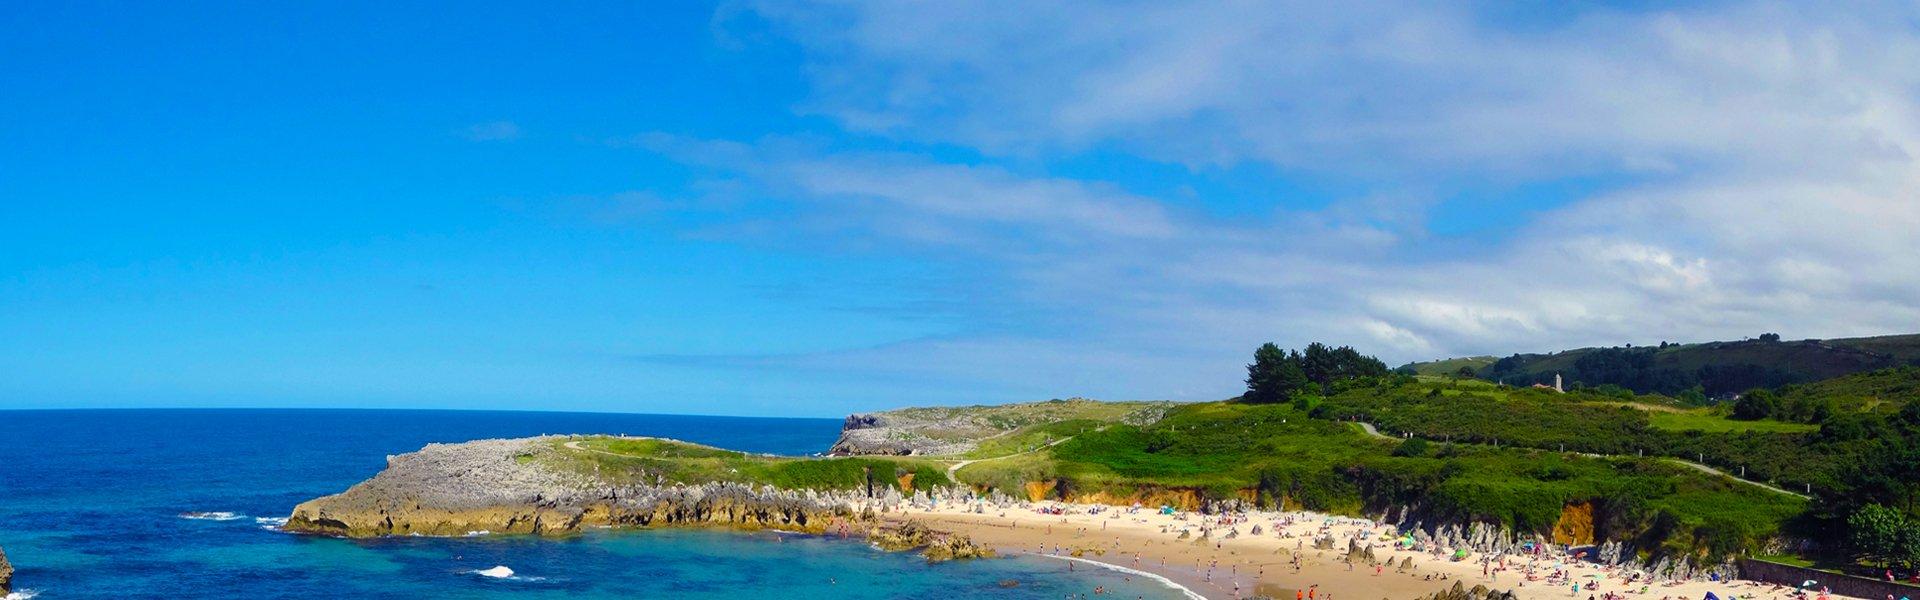 Llanes, aan de groene kust van Noord-Spanje